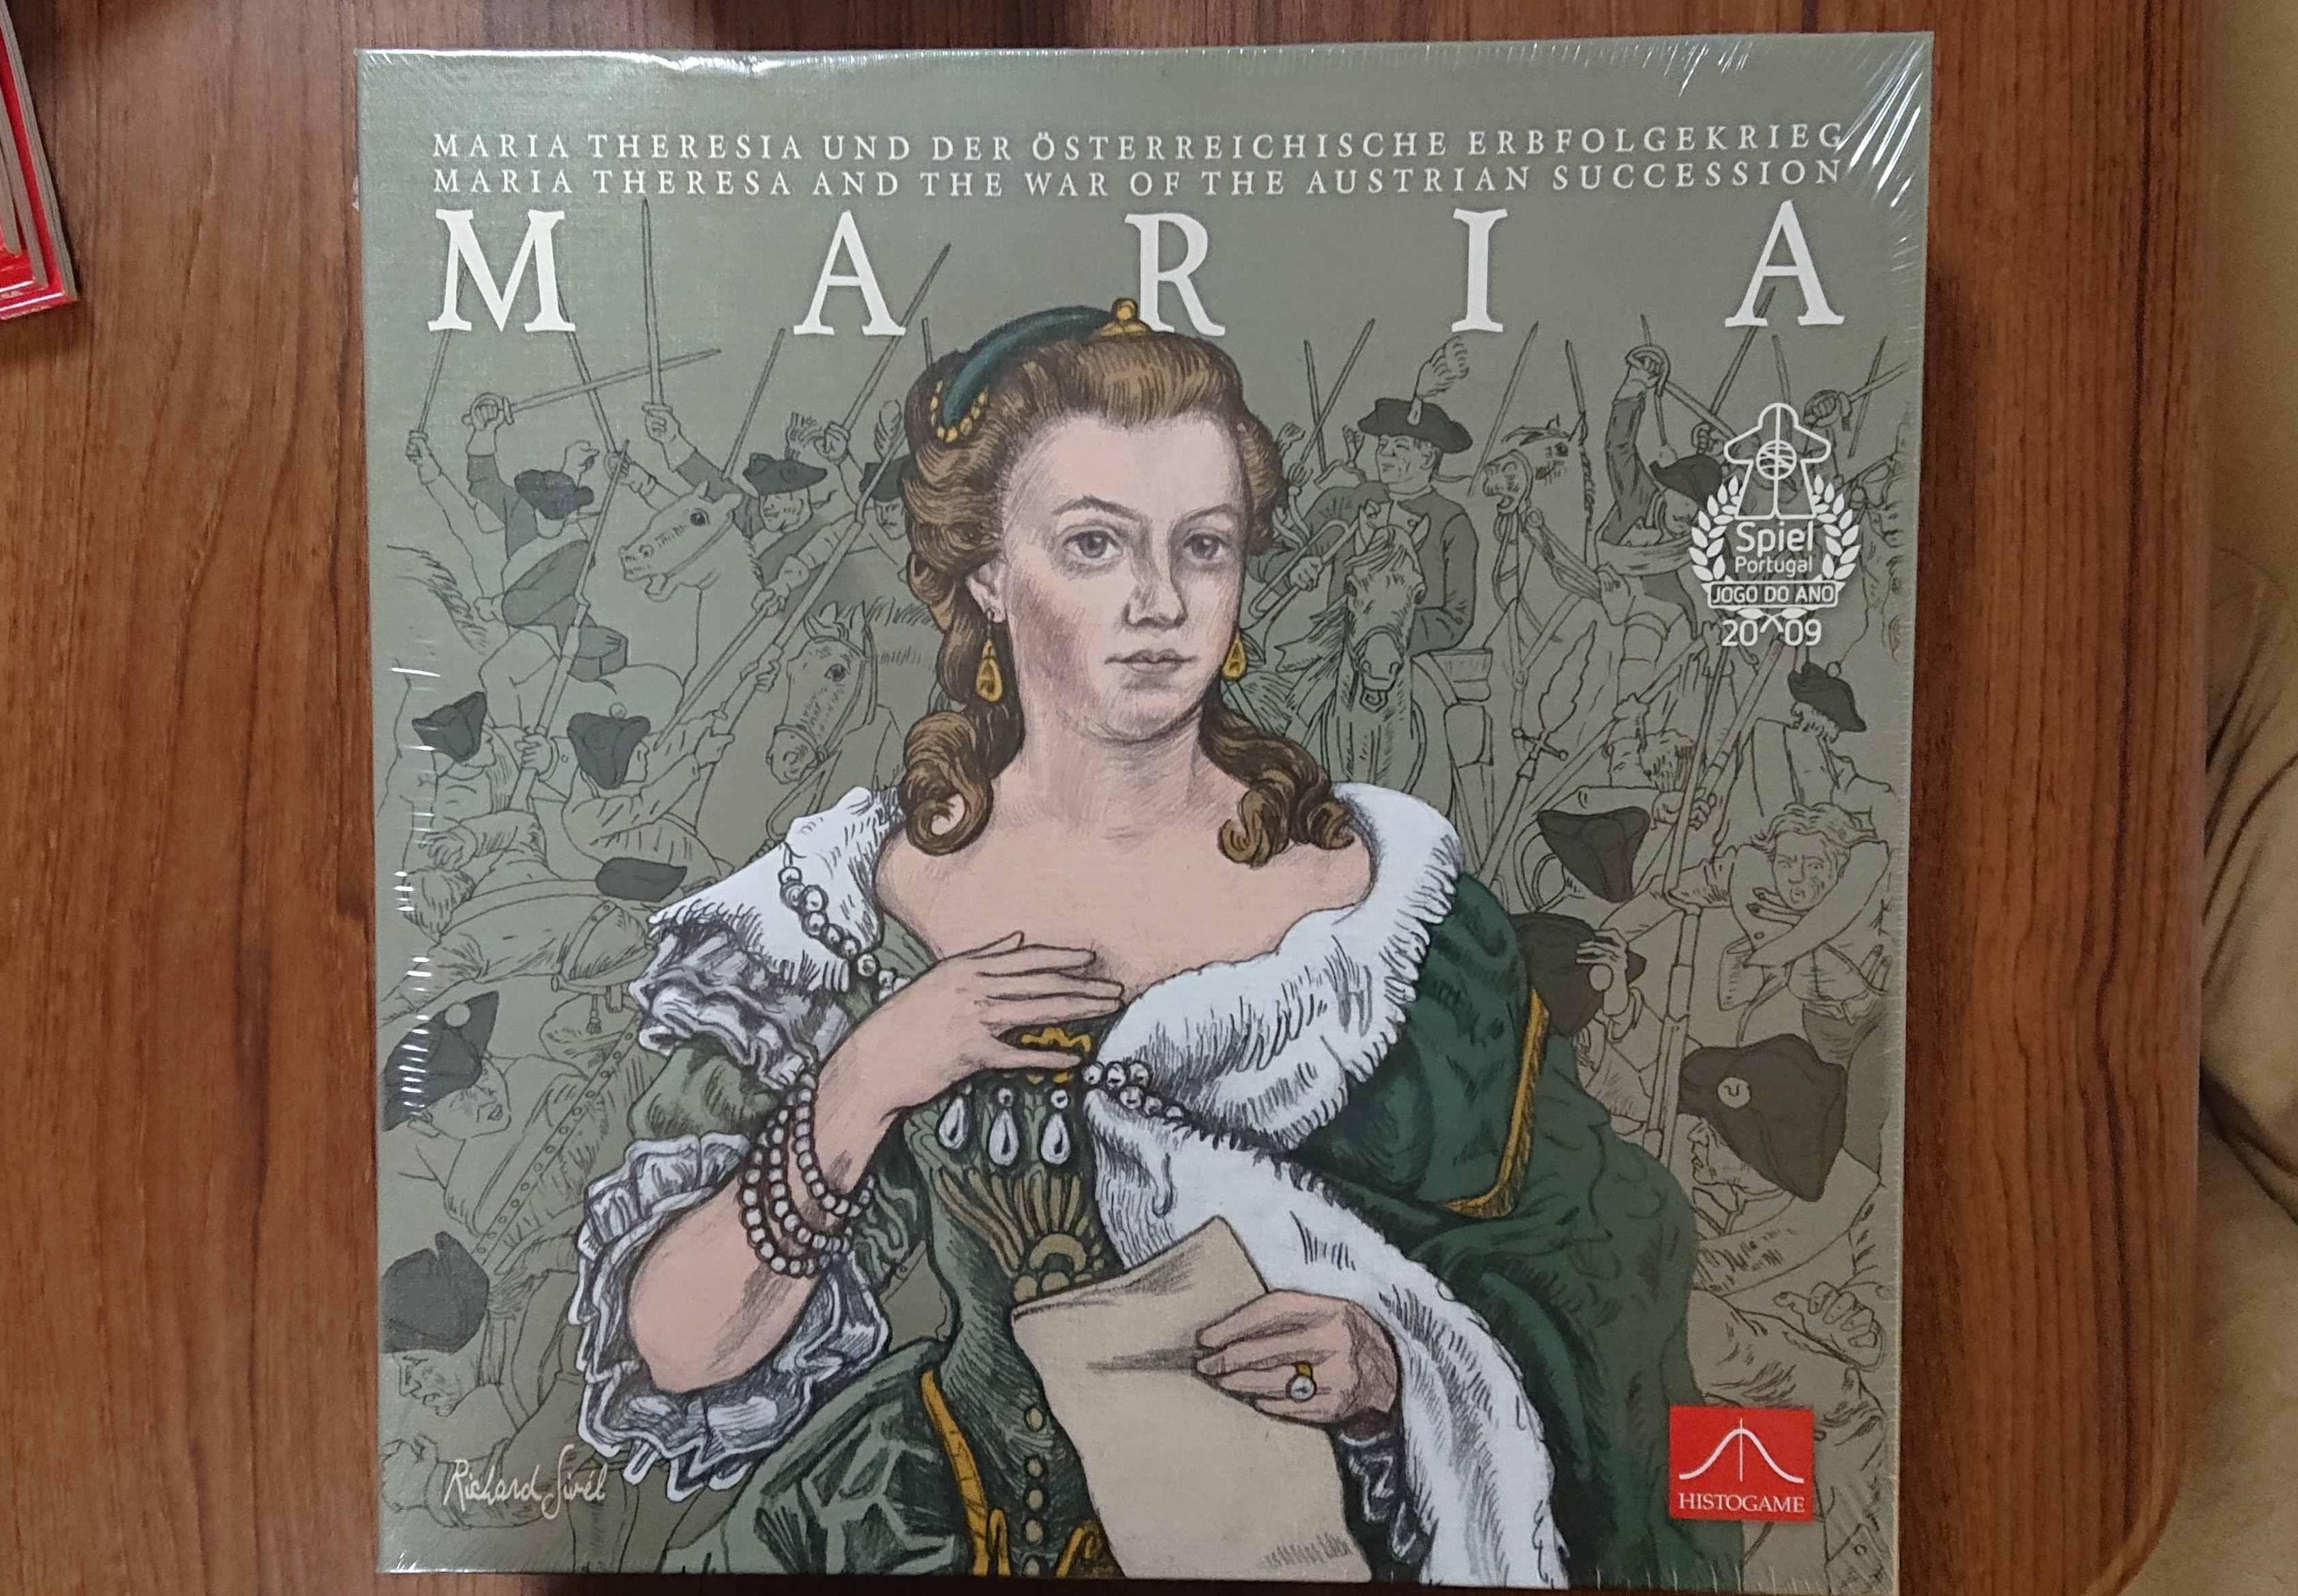 マリア(MARIA) ウォーゲームというボードゲームについて